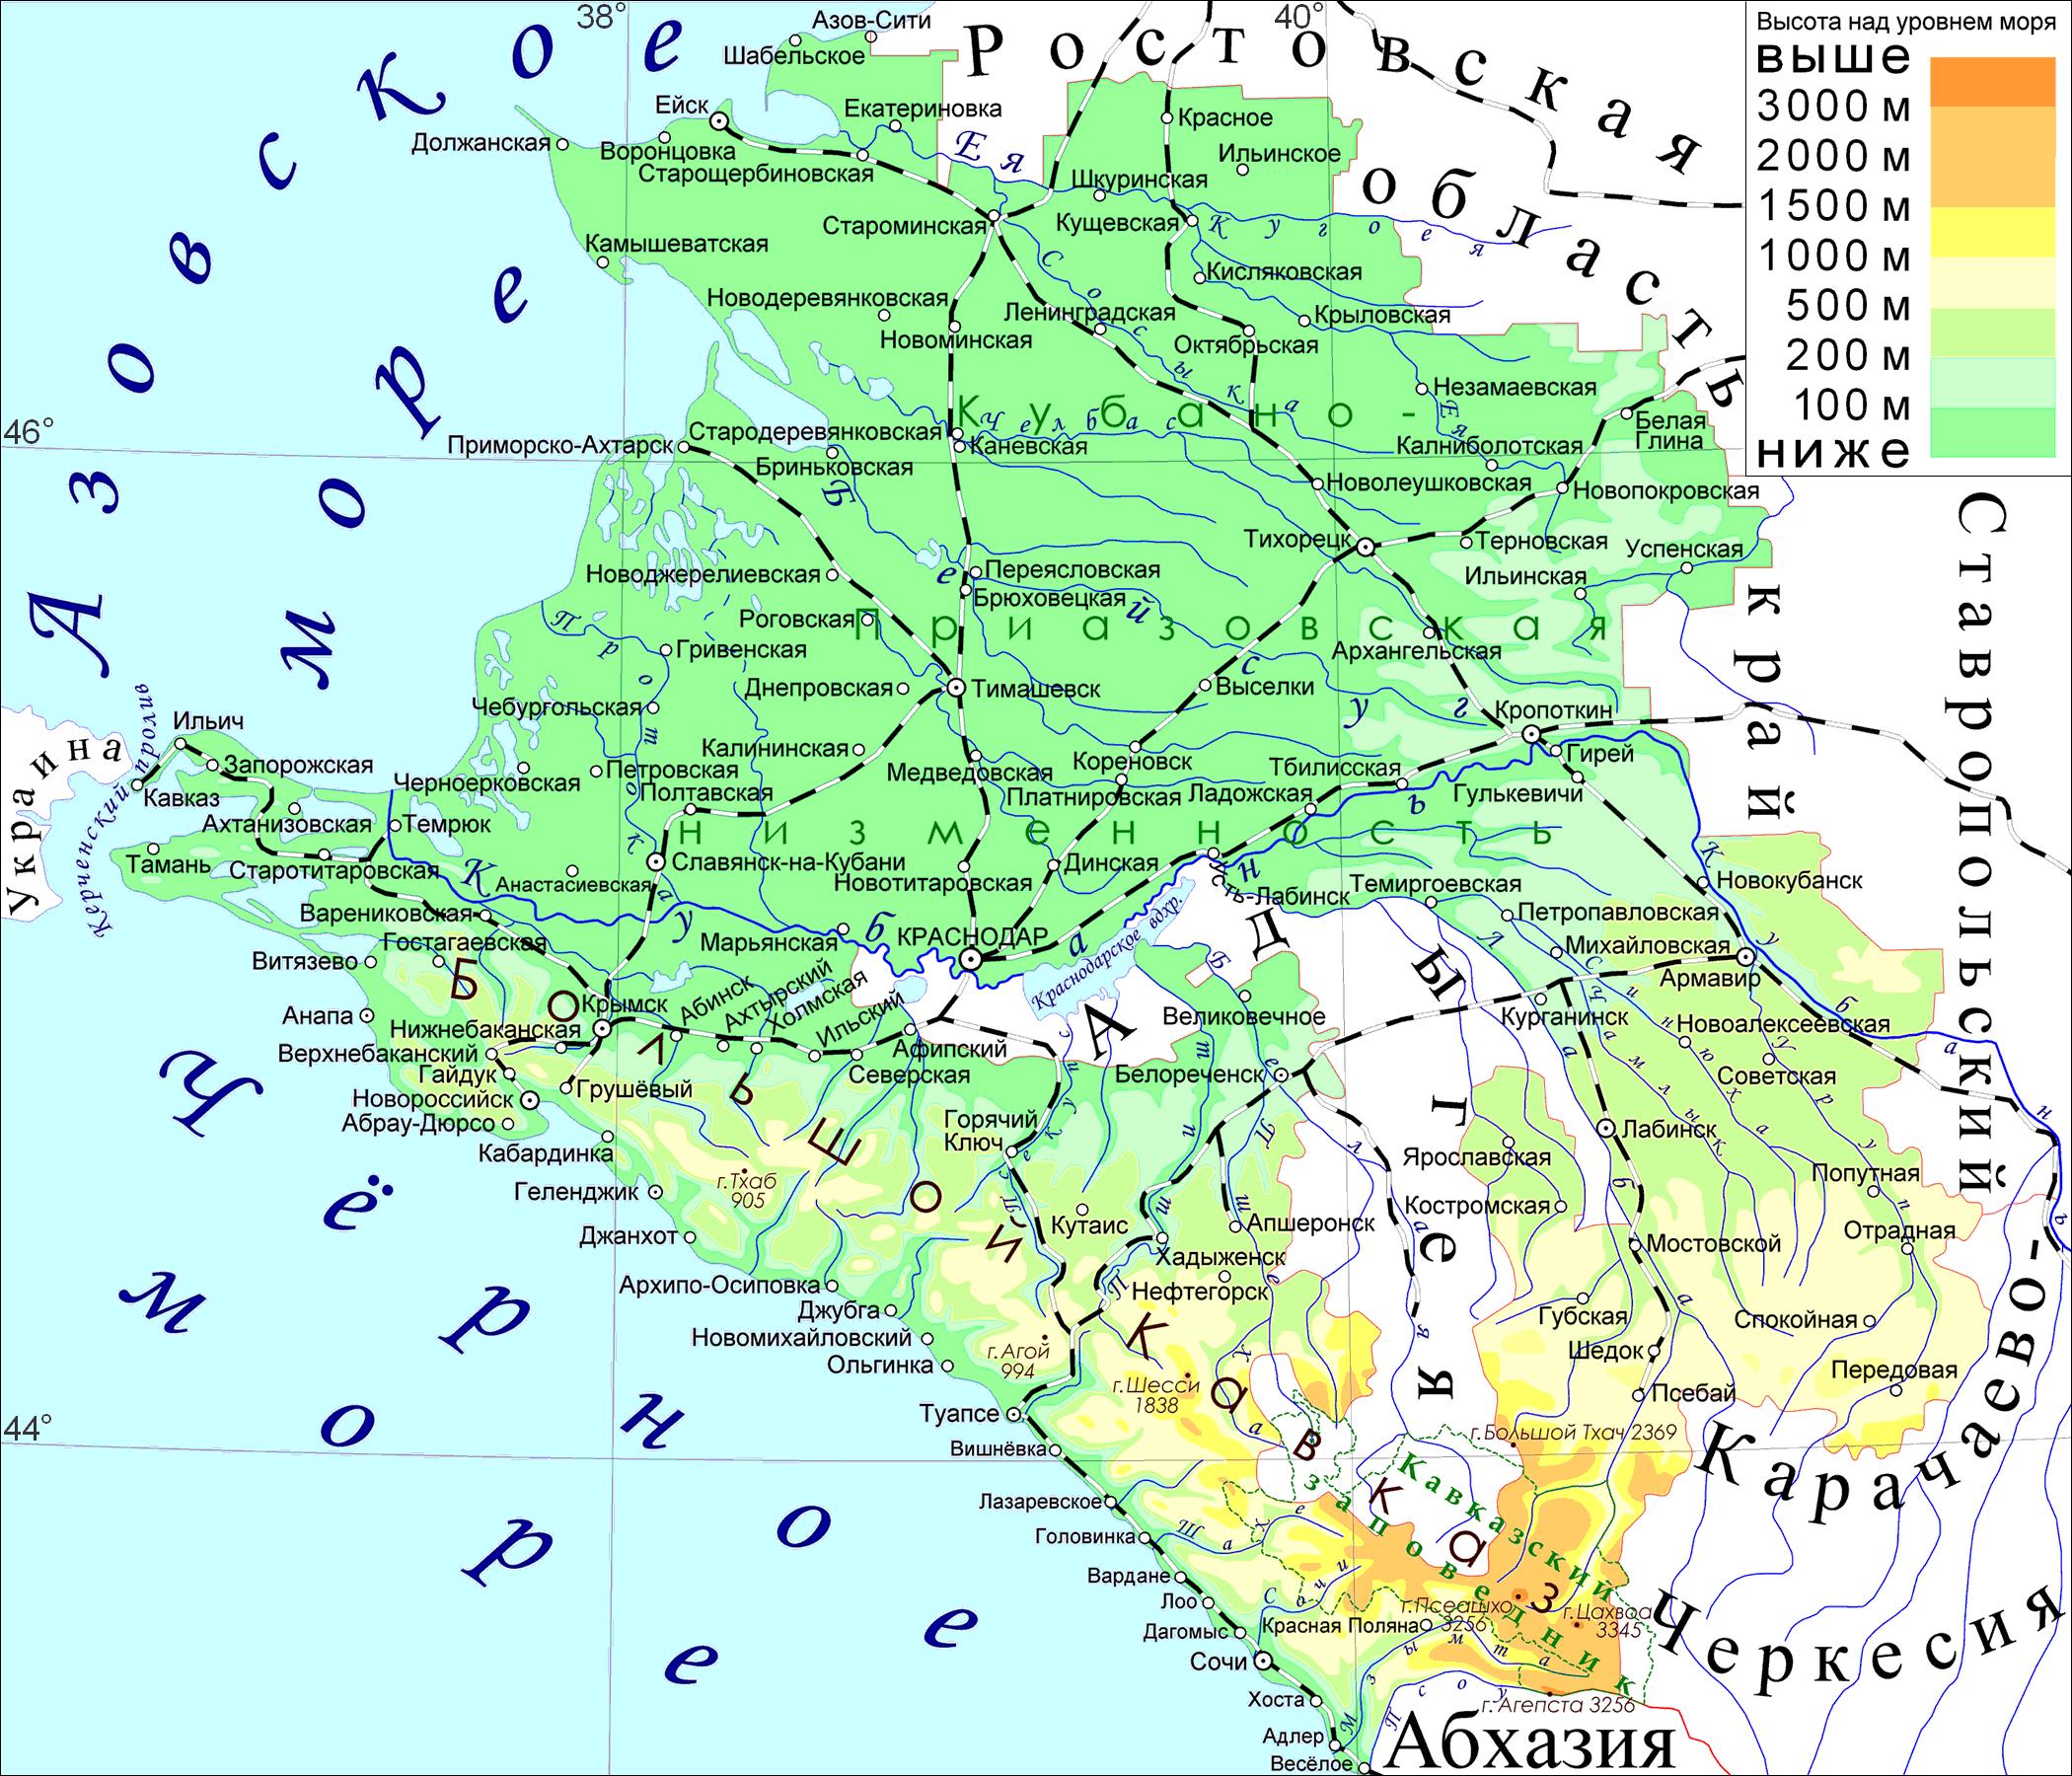 A map of the Krasnodar Krai Russia MAPS Pinterest